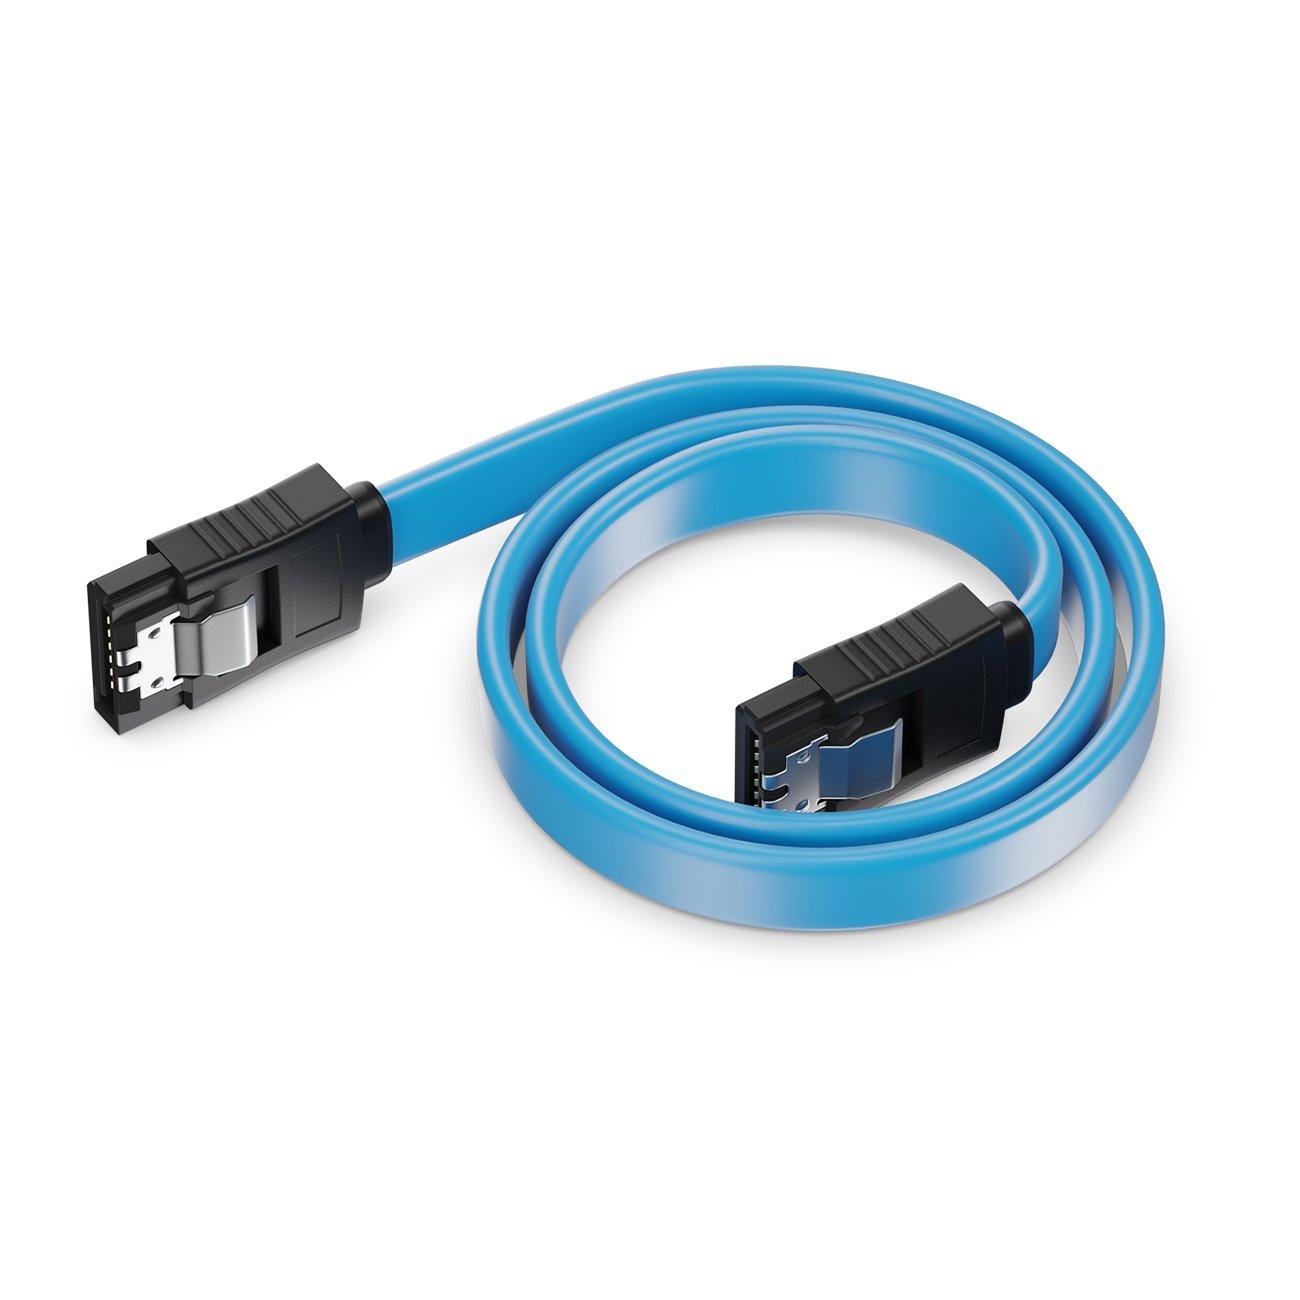 1x gerade zu 90/° 1 St/ück Farbe Gelb deleyCON SATA Kabel 30cm S-ATA 3 HDD SSD Datenkabel 6 GBit//s